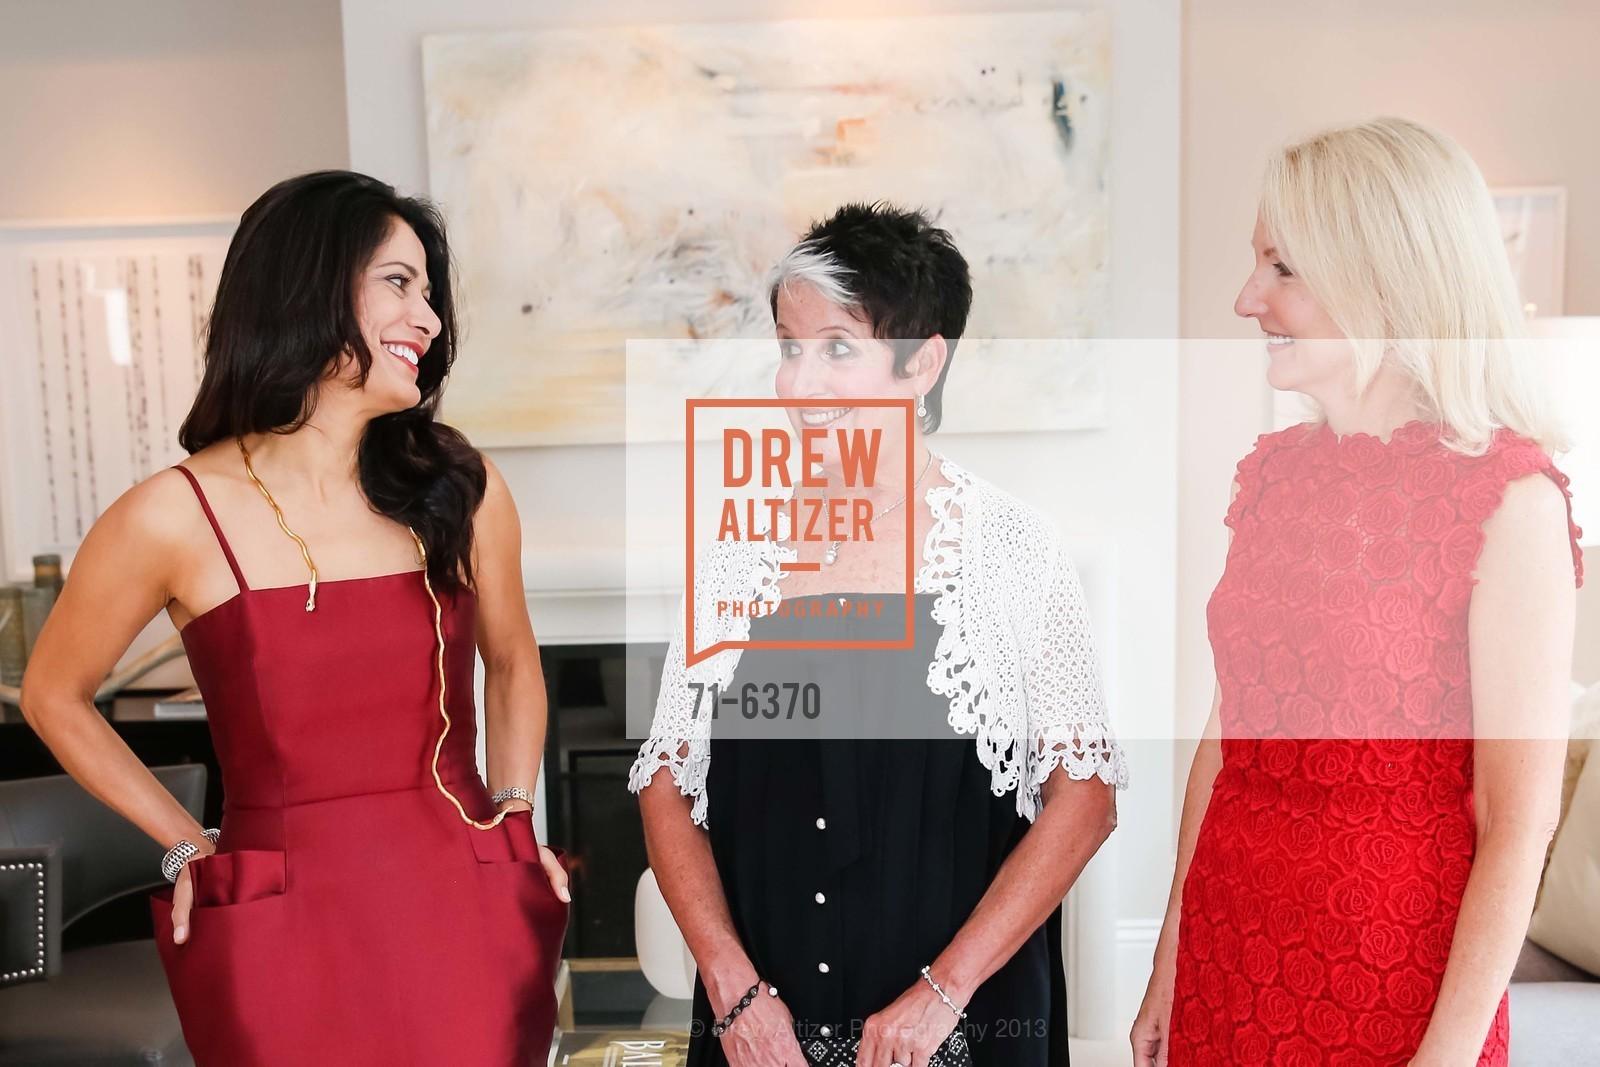 Mai Shiver, Karen Kubin, Ann Girard, Photo #71-6370